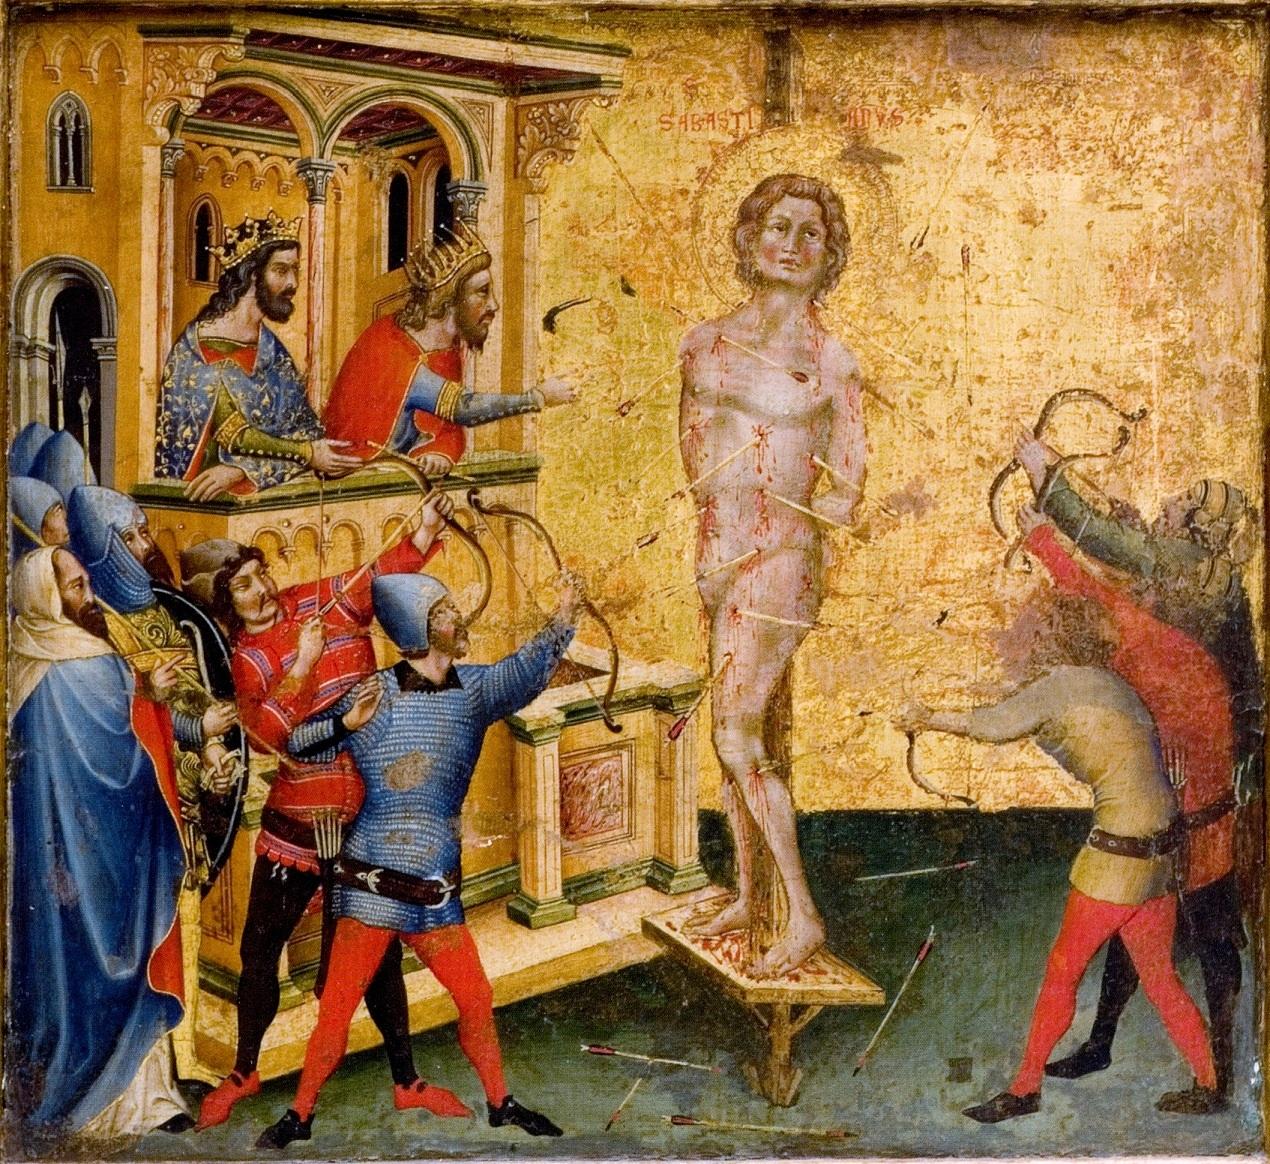 https://upload.wikimedia.org/wikipedia/commons/6/63/Niccolo_Semitecolo._Sebastiano_trafitto_dalle_frecce._1367._53x60cm._Padova%2C_Museo_Diocesano.jpg